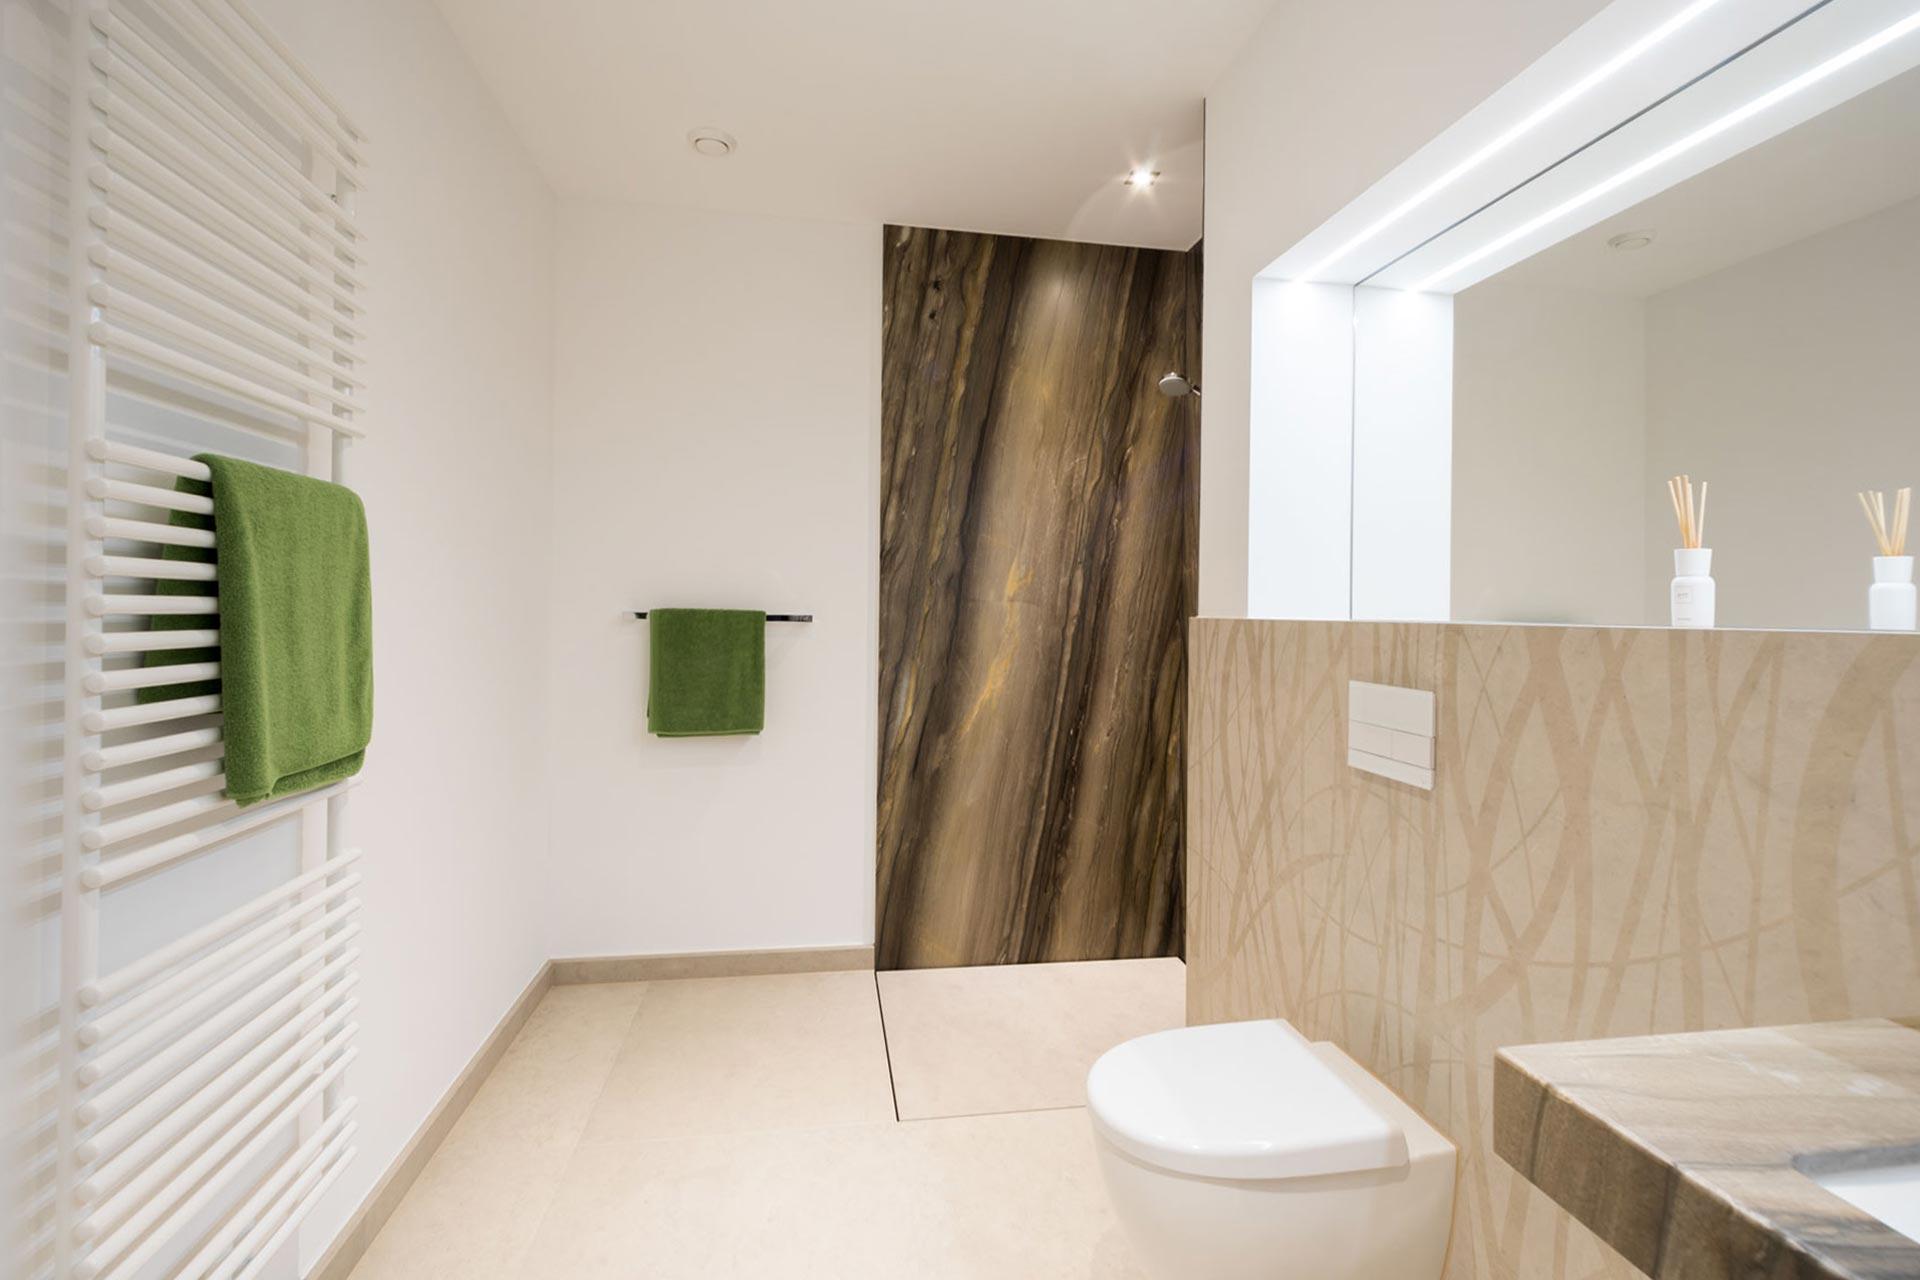 jauer-badezimmer-planung-1